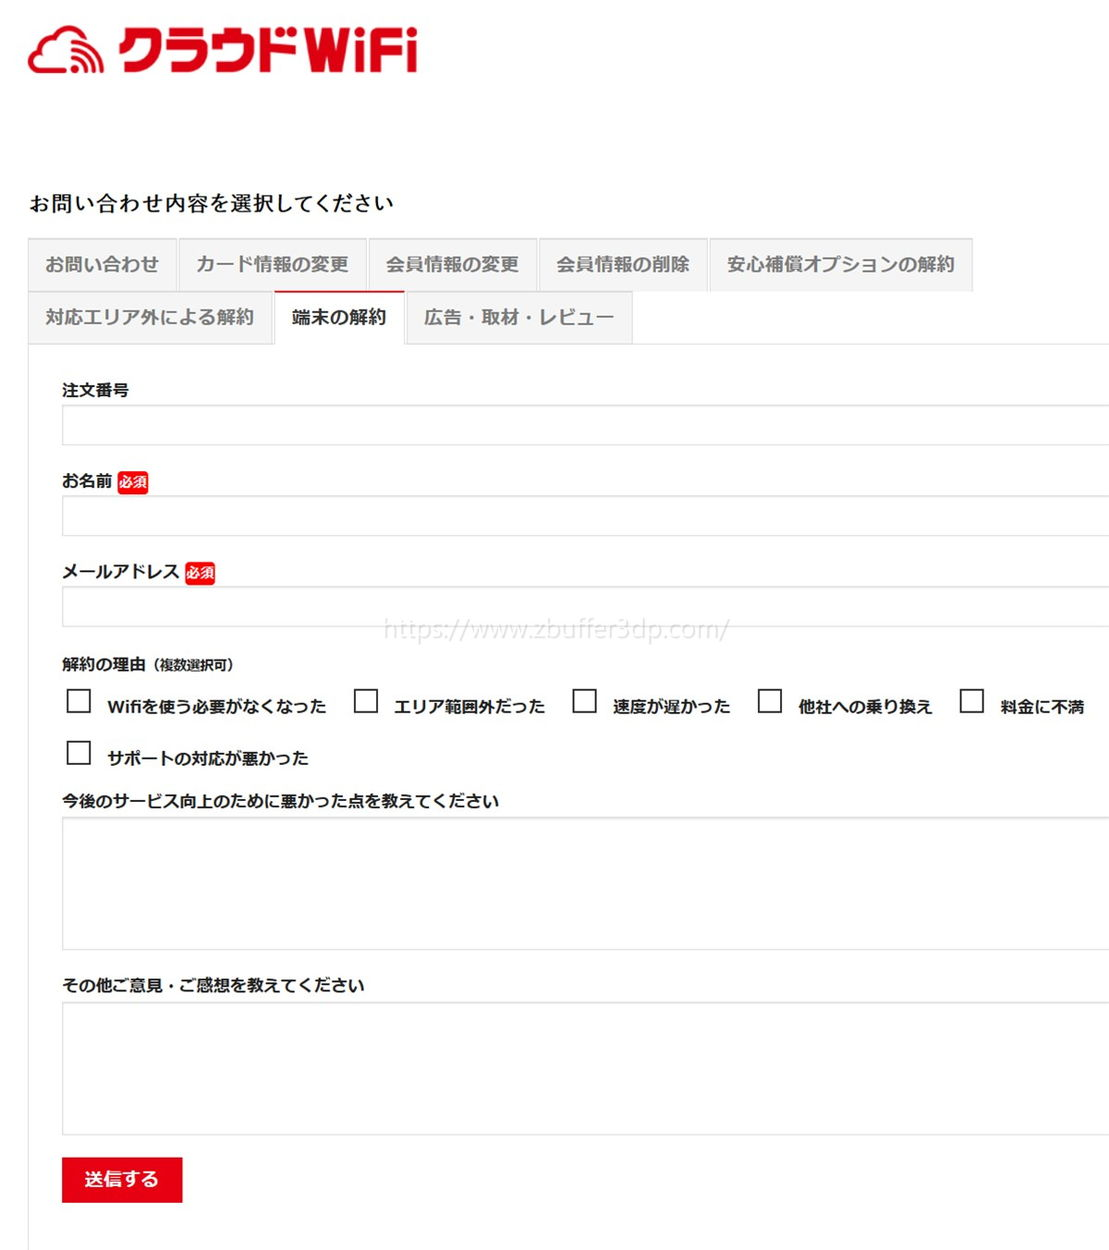 クラウドWi-Fi(東京)を解約申請